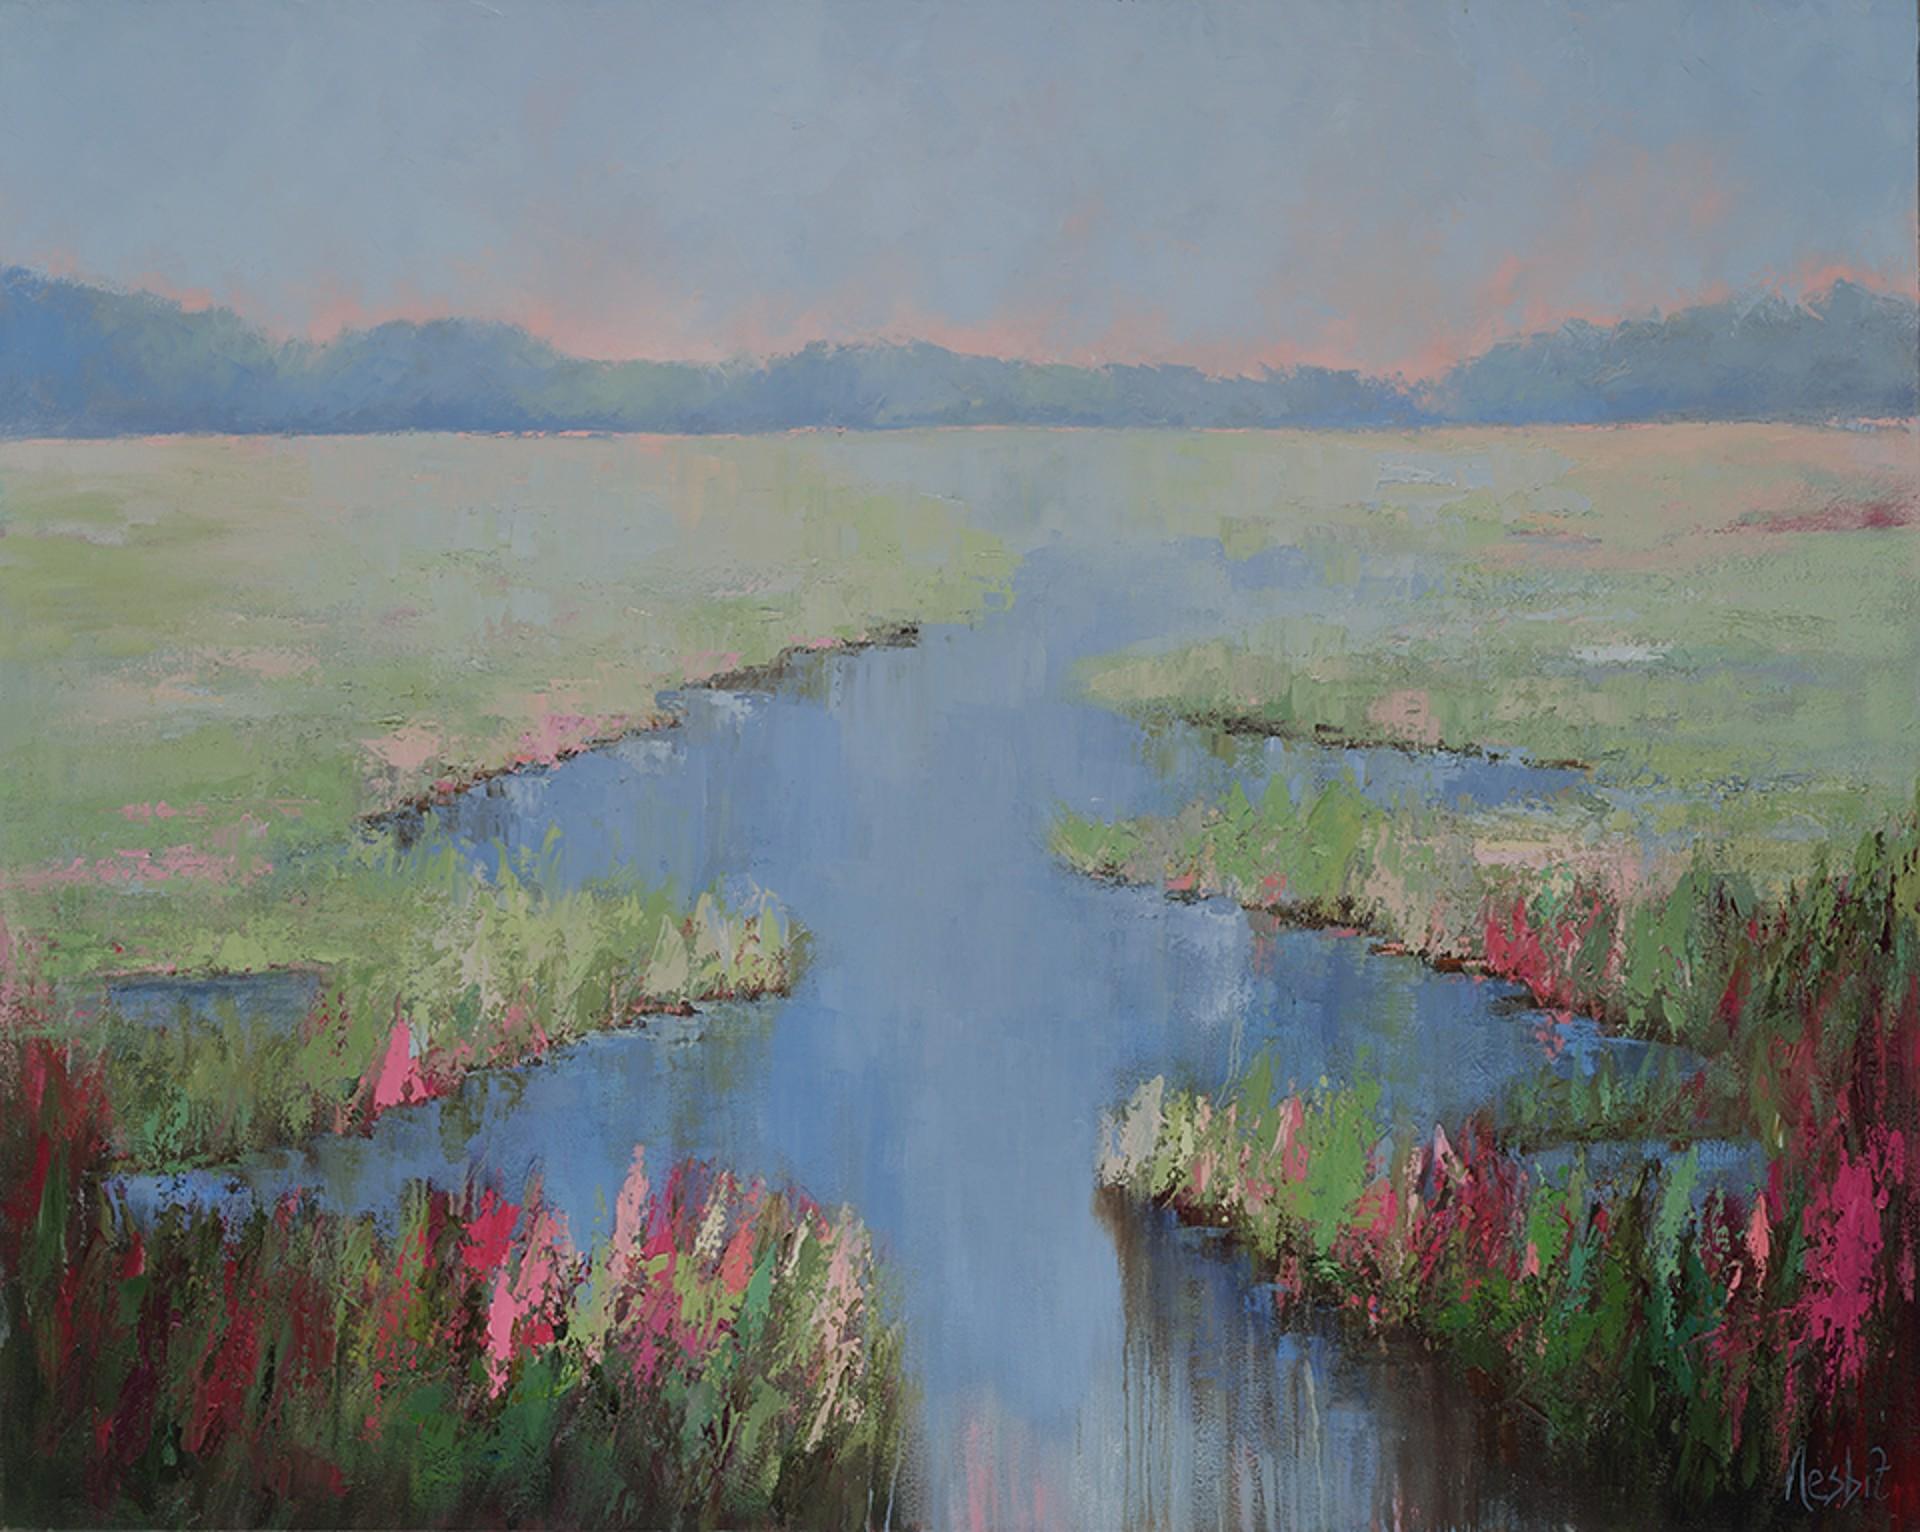 Morning Bliss by Angela Nesbit